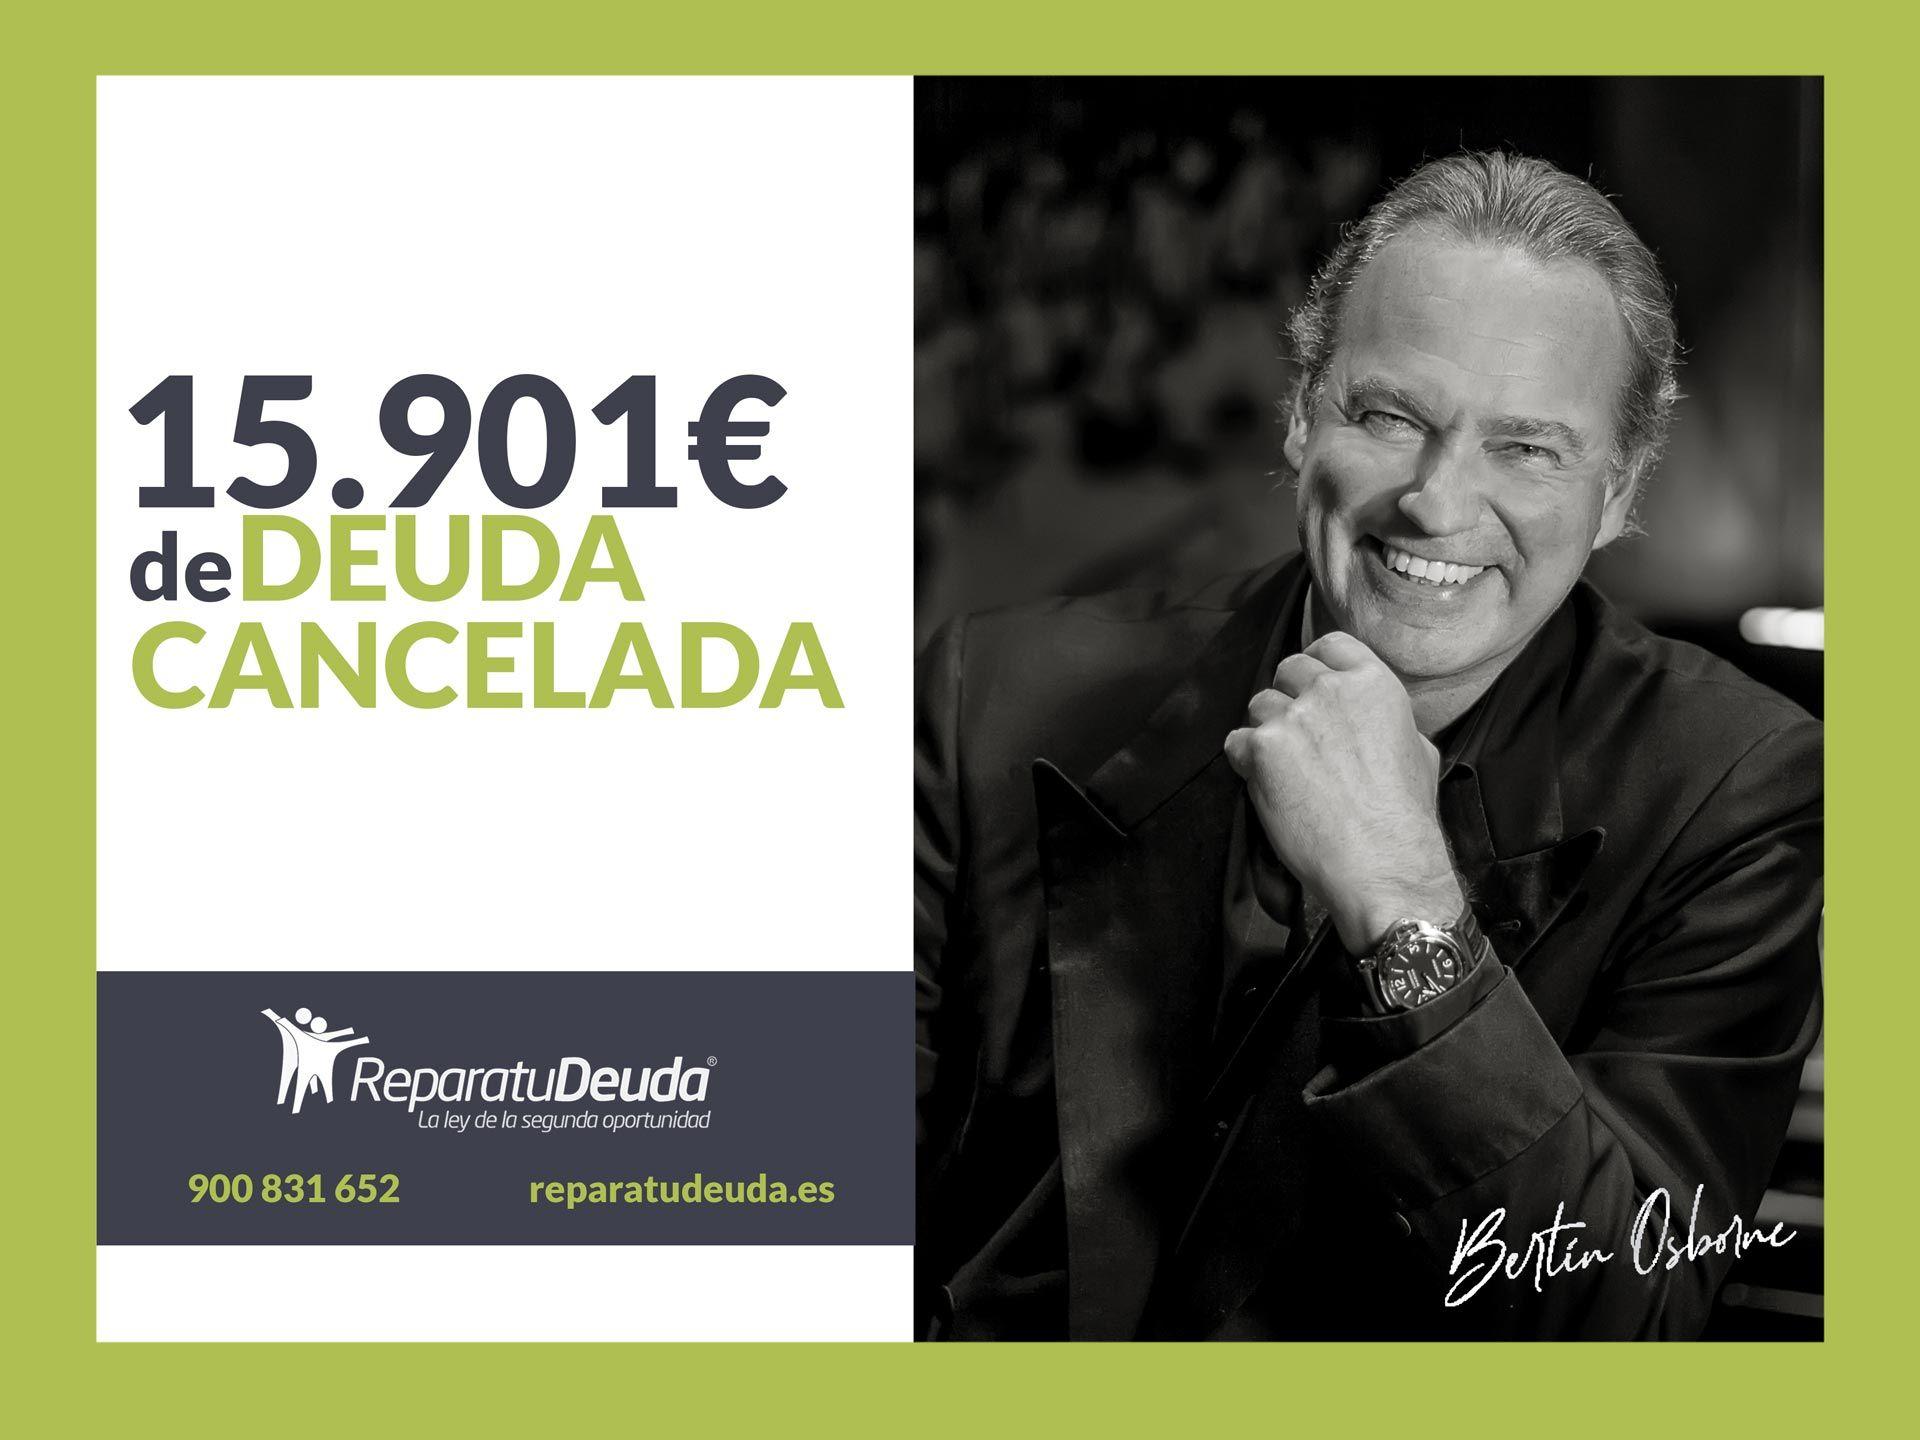 Repara tu Deuda Abogados cancela 15.901? en Madrid con la Ley de Segunda Oportunidad